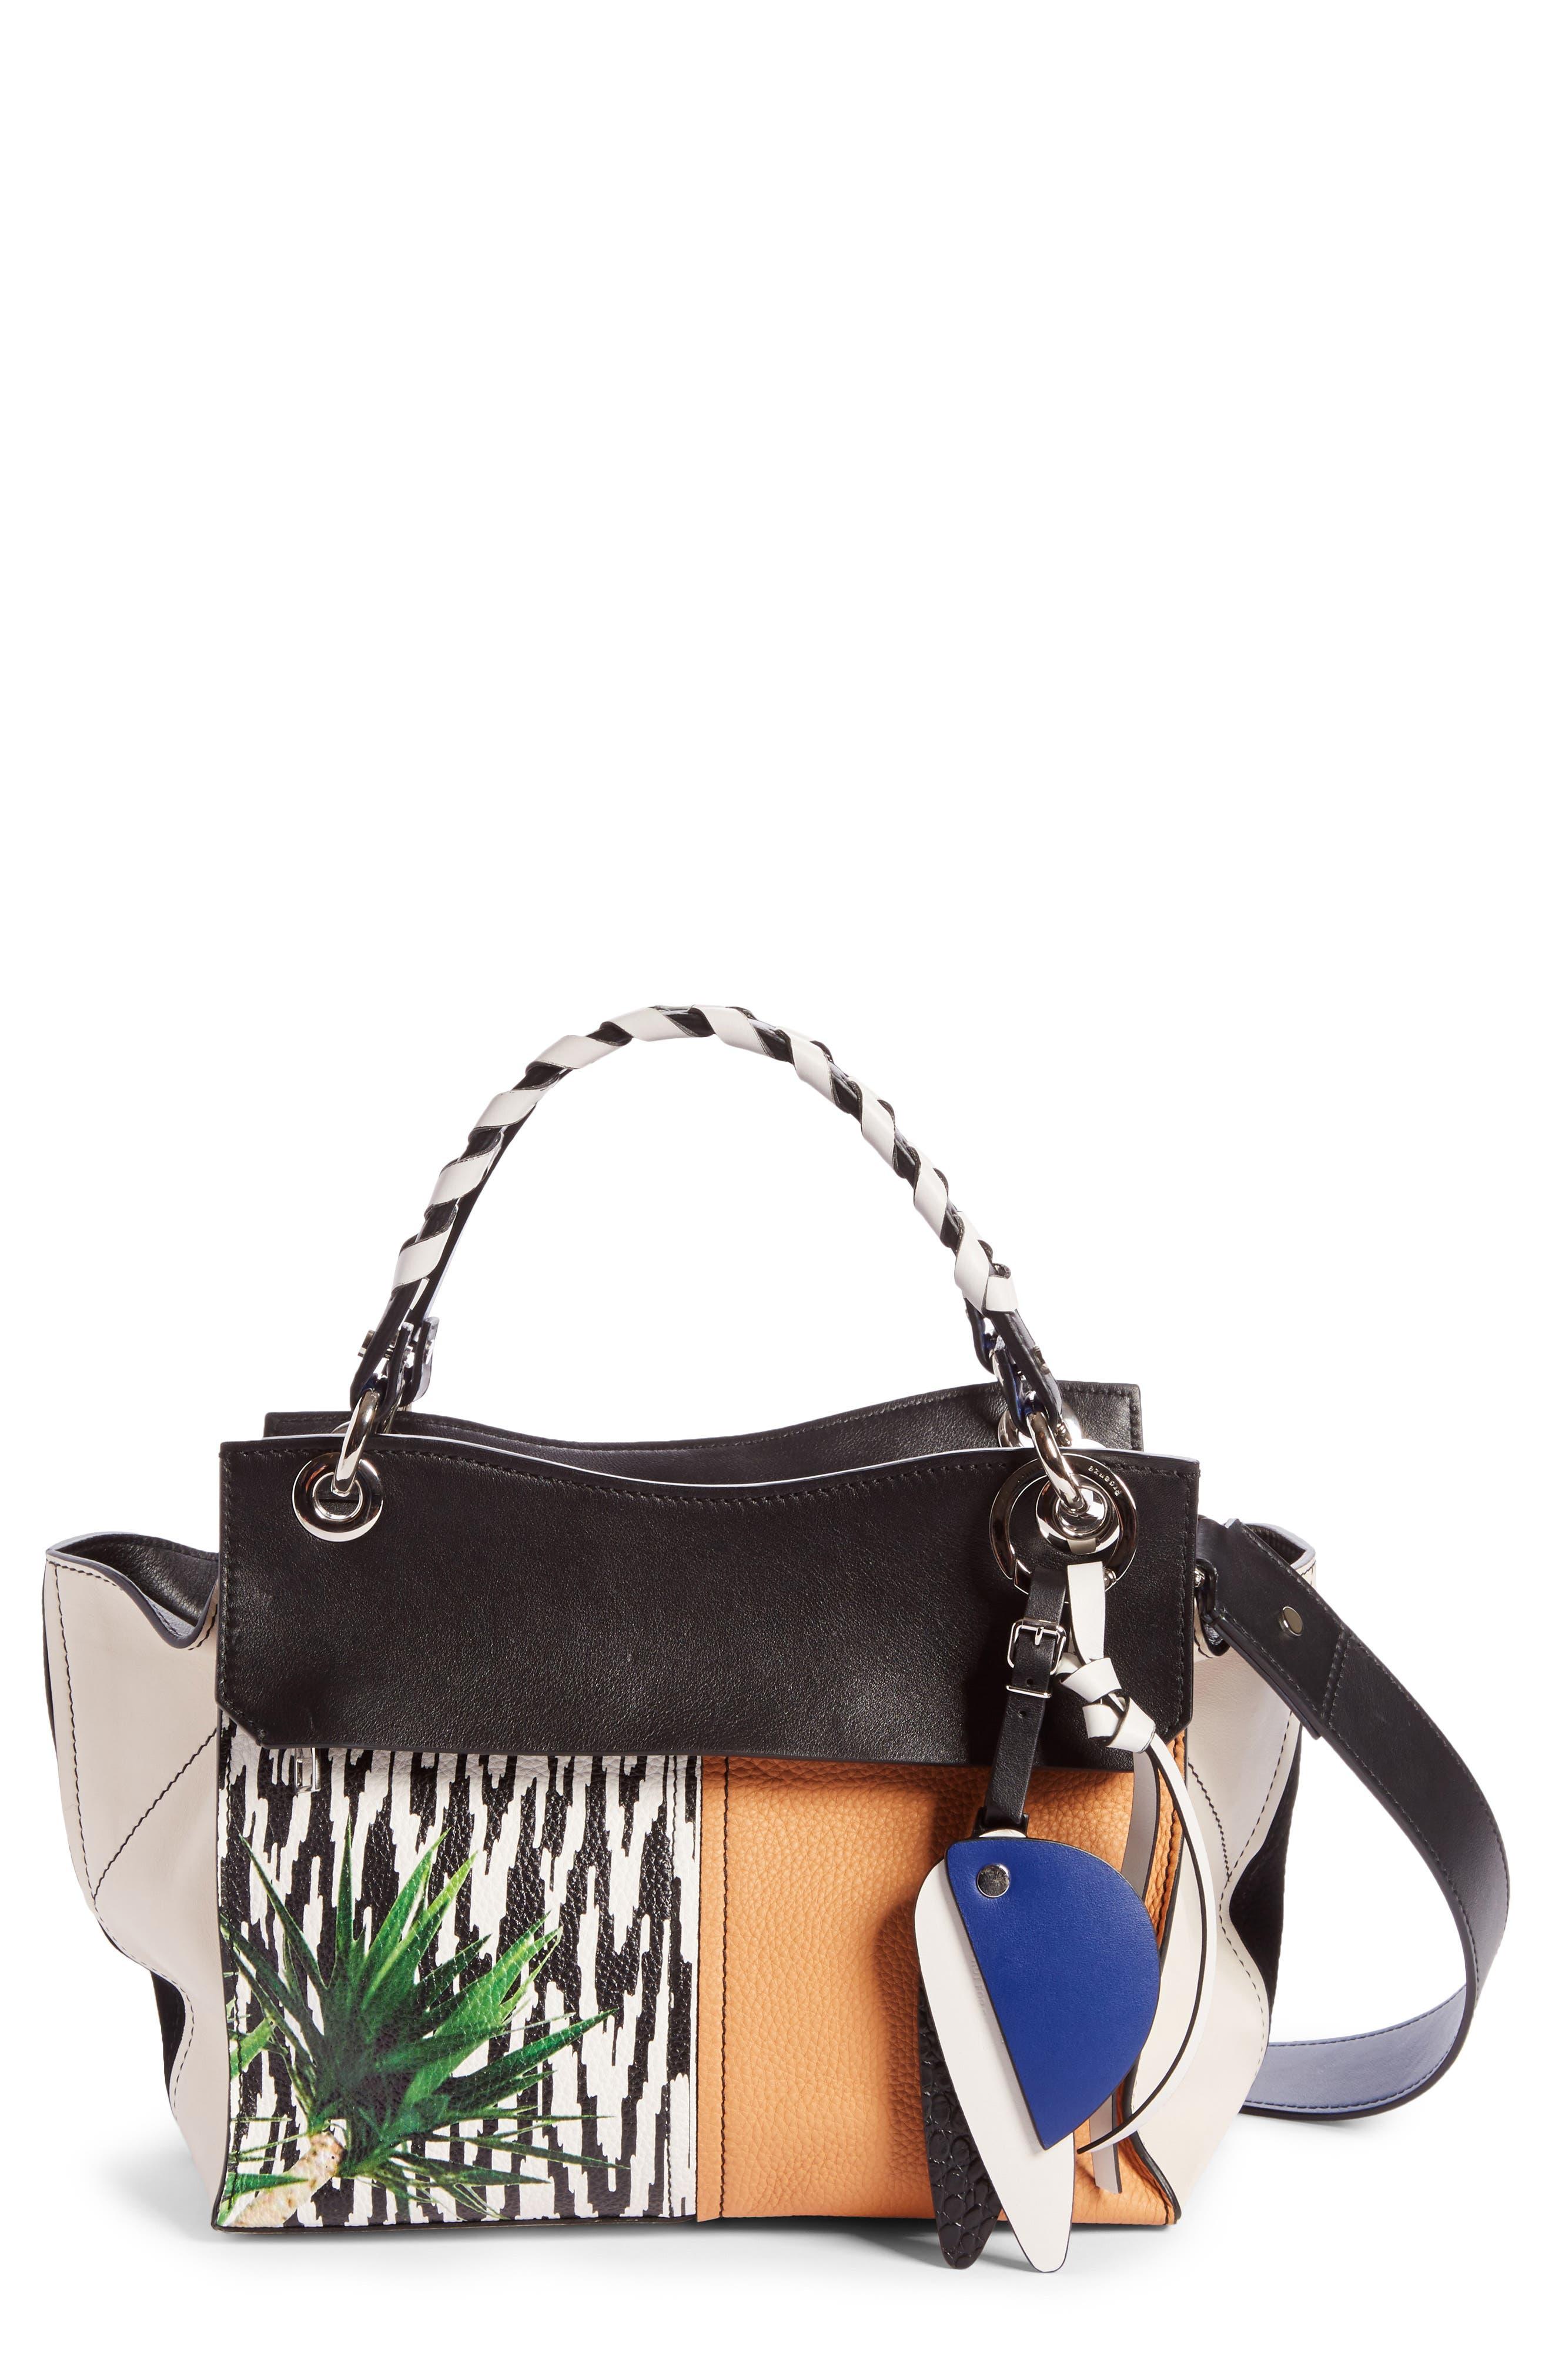 Proenza Schouler Curl Mix Print Leather Shoulder Bag